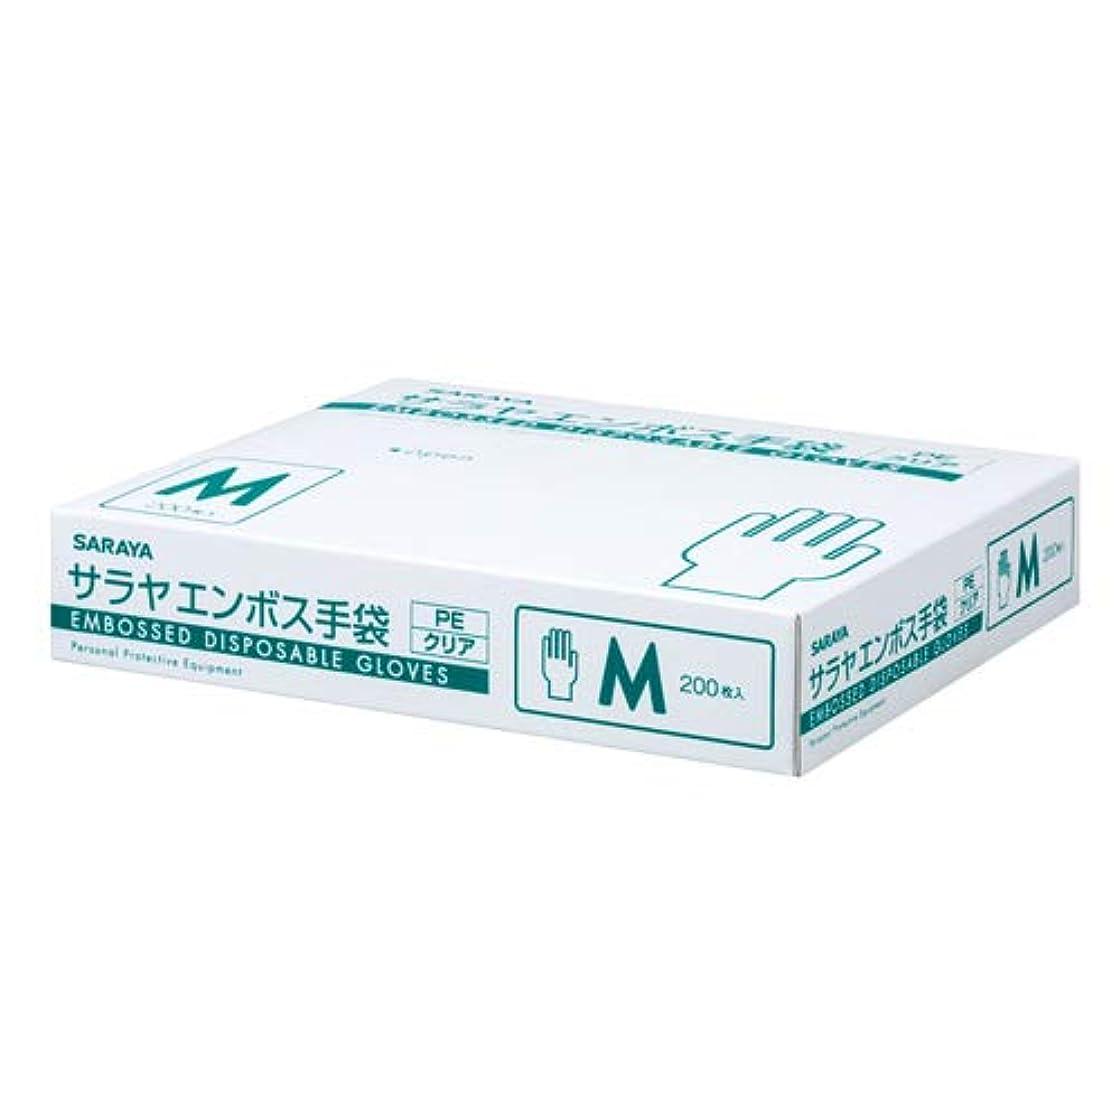 りゴージャス電気技師サラヤ 使い捨て手袋 エンボス手袋 PEクリア Mサイズ 200枚入